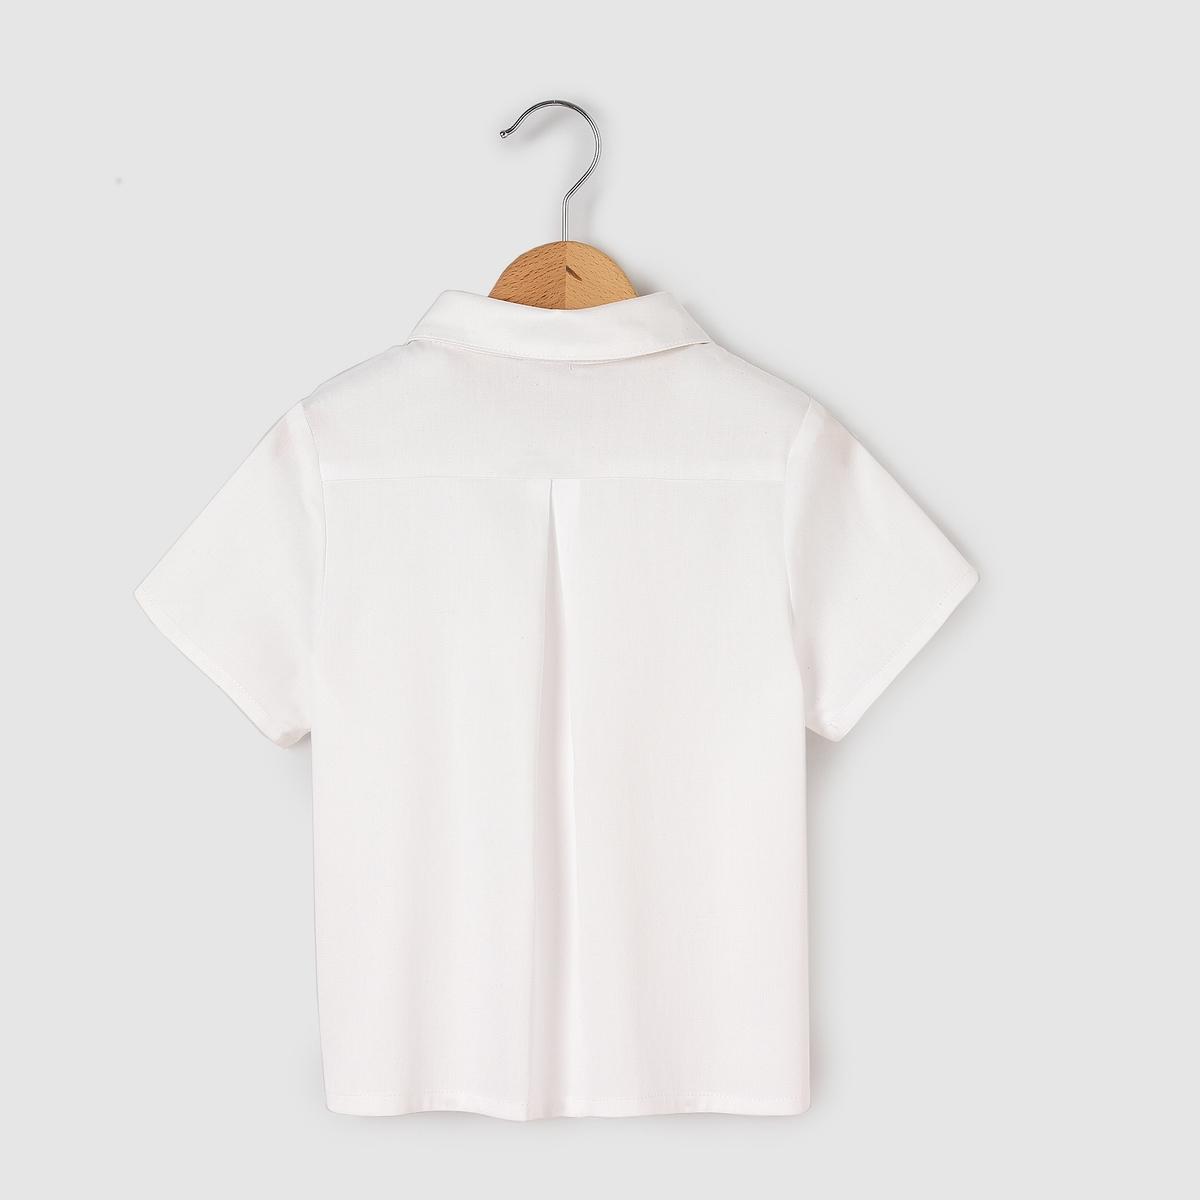 Рубашка с короткими рукавами для 3-12 лет